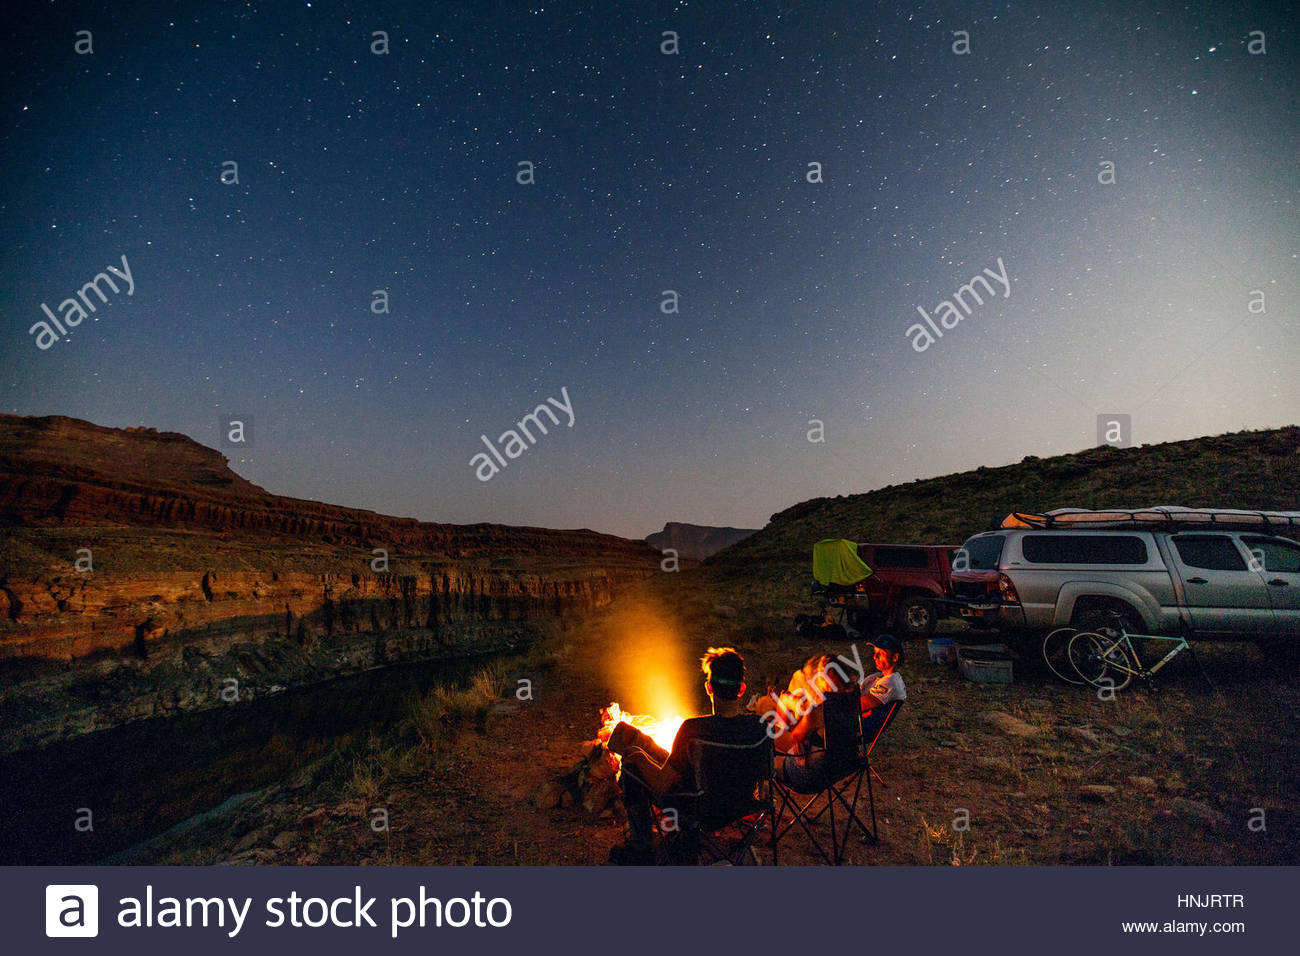 Persone campeggio sotto le stelle sulle rive di un fiume. Immagini Stock